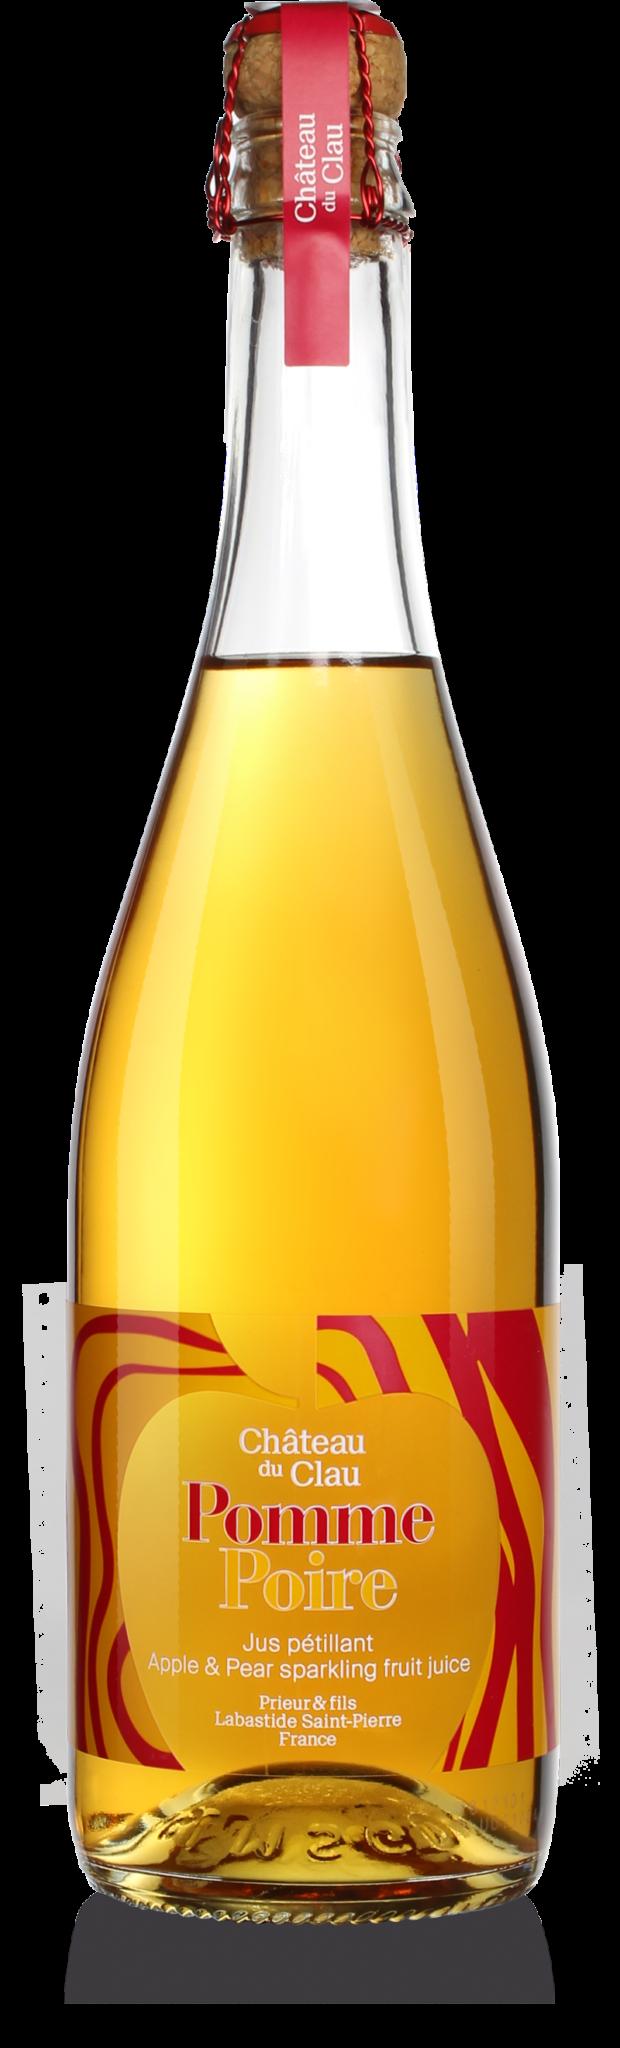 Petillant Pomme Poire jus de fruits artisanal haut de gamme naturel Chateau du Clau